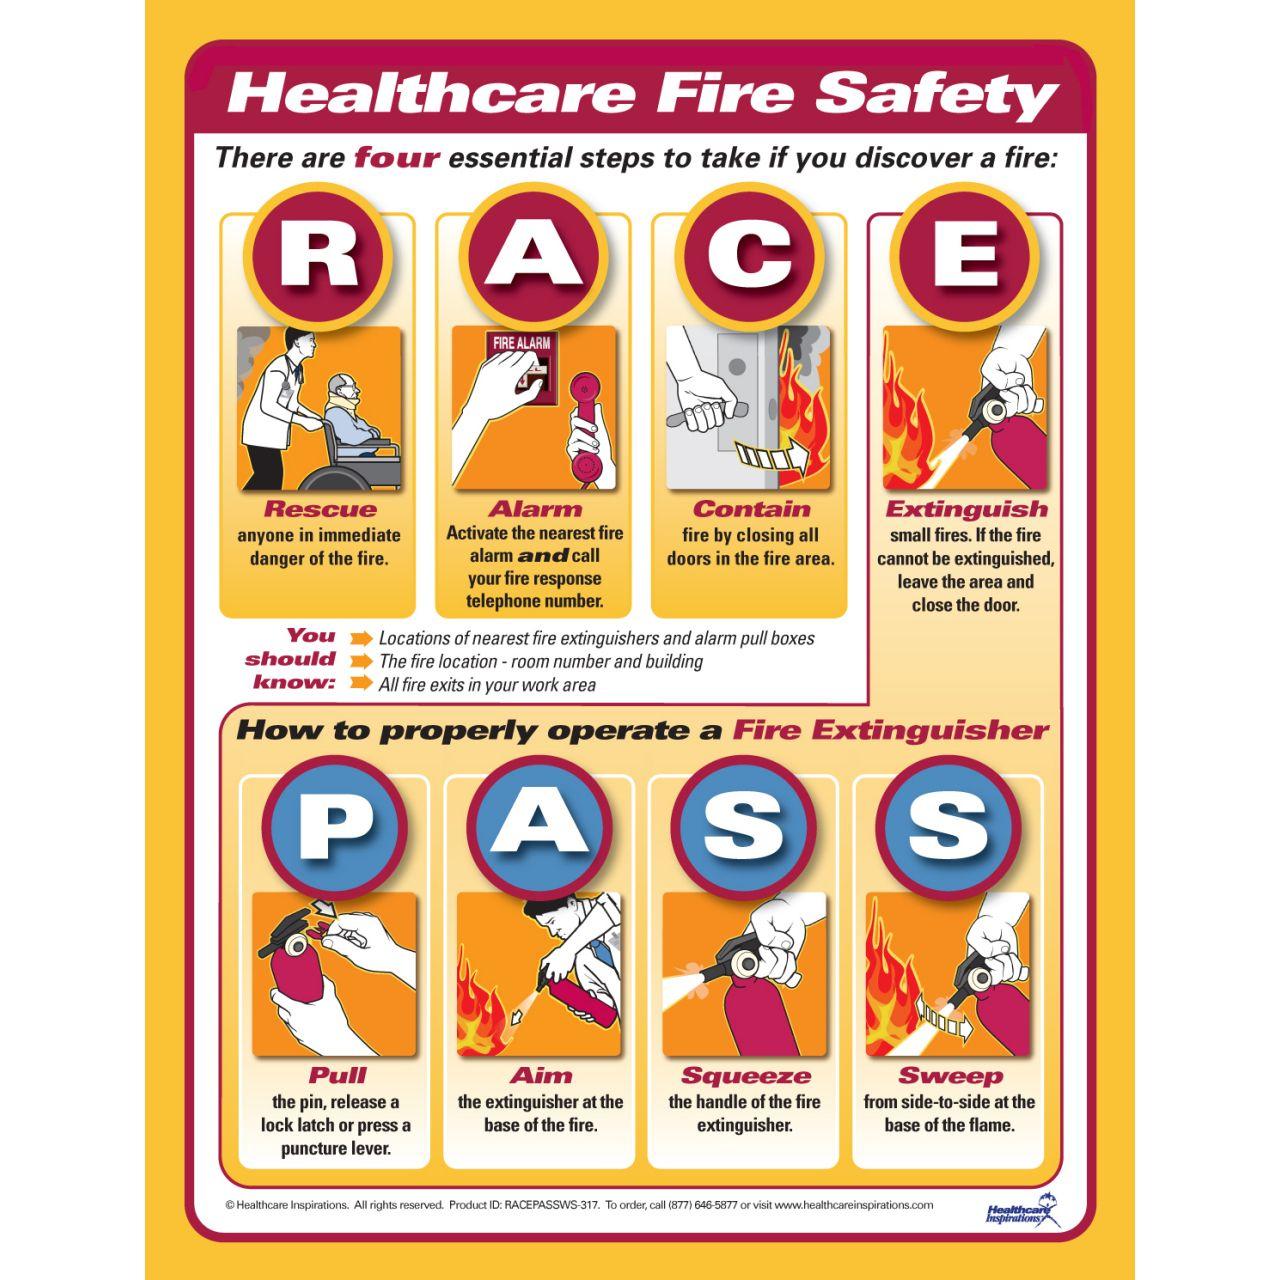 RACE, PASS Fire safety Nursing mnemonics Pinterest